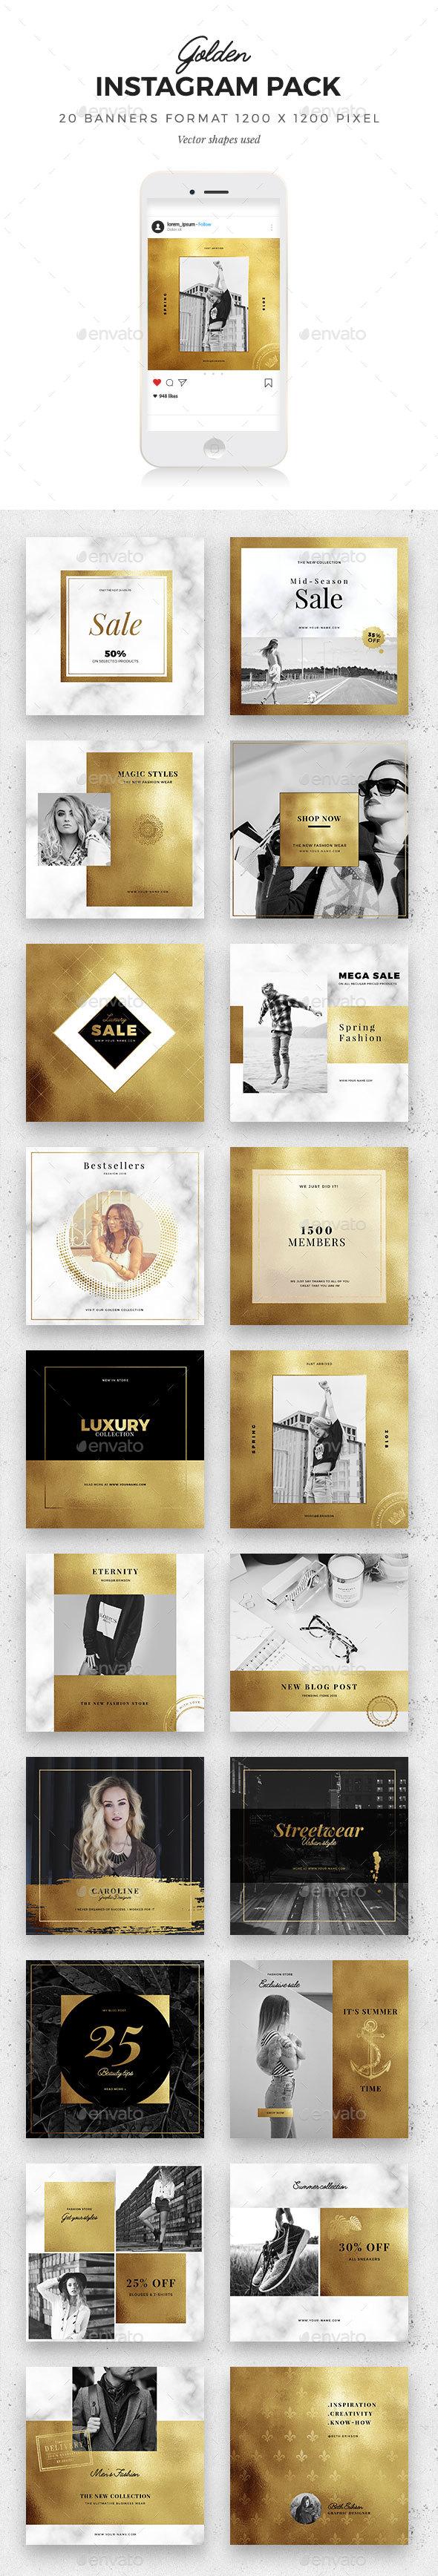 Golden Instagram Pack - Social Media Web Elements